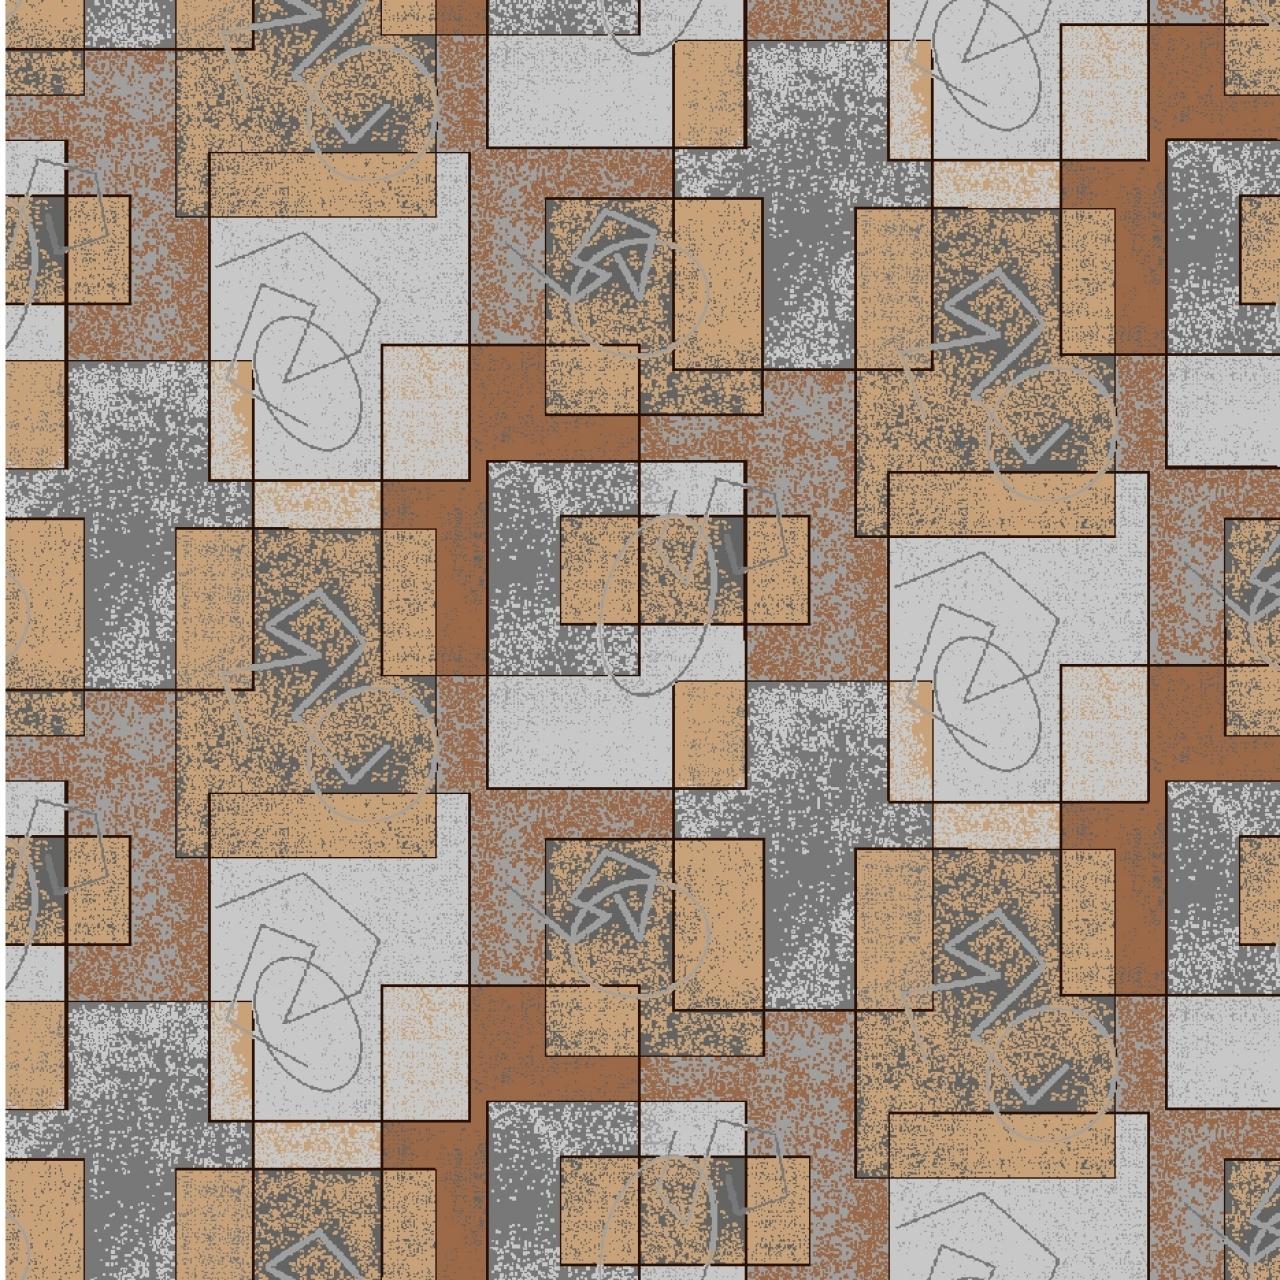 Ковер LABYRINT - 985 - Прямоугольник - коллекция Полотно принт обр B201K